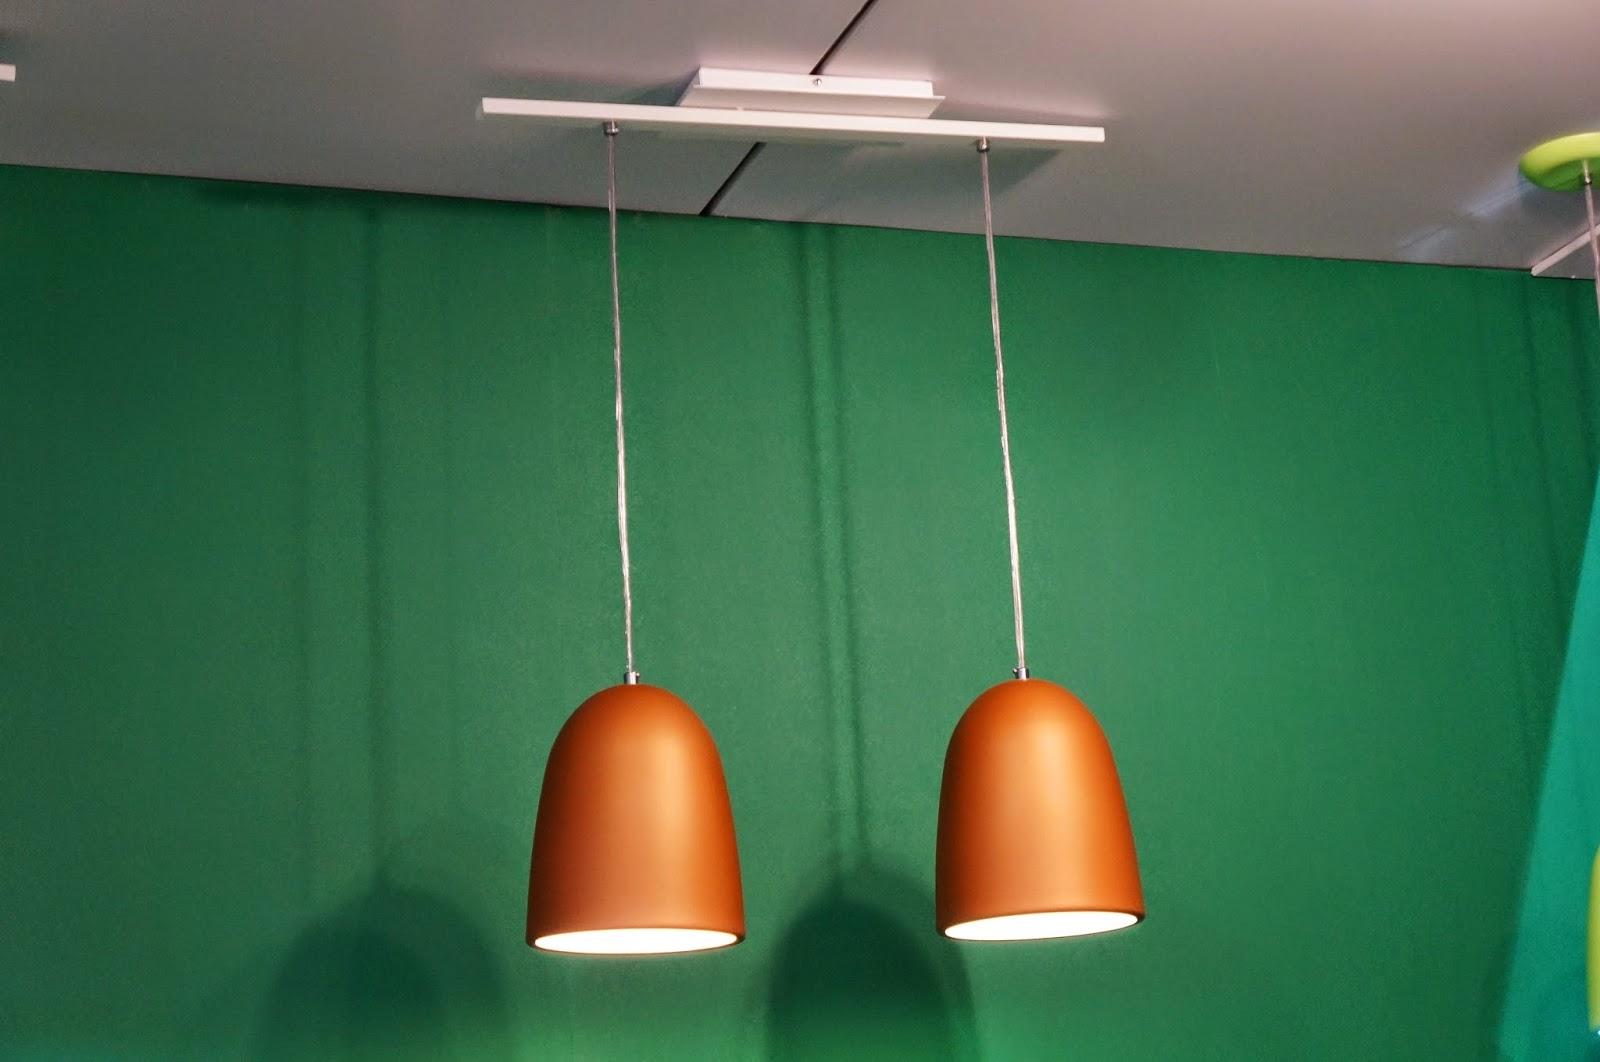 dupla de luminárias idênticas - Adimar Iluminação - Expolux 2014